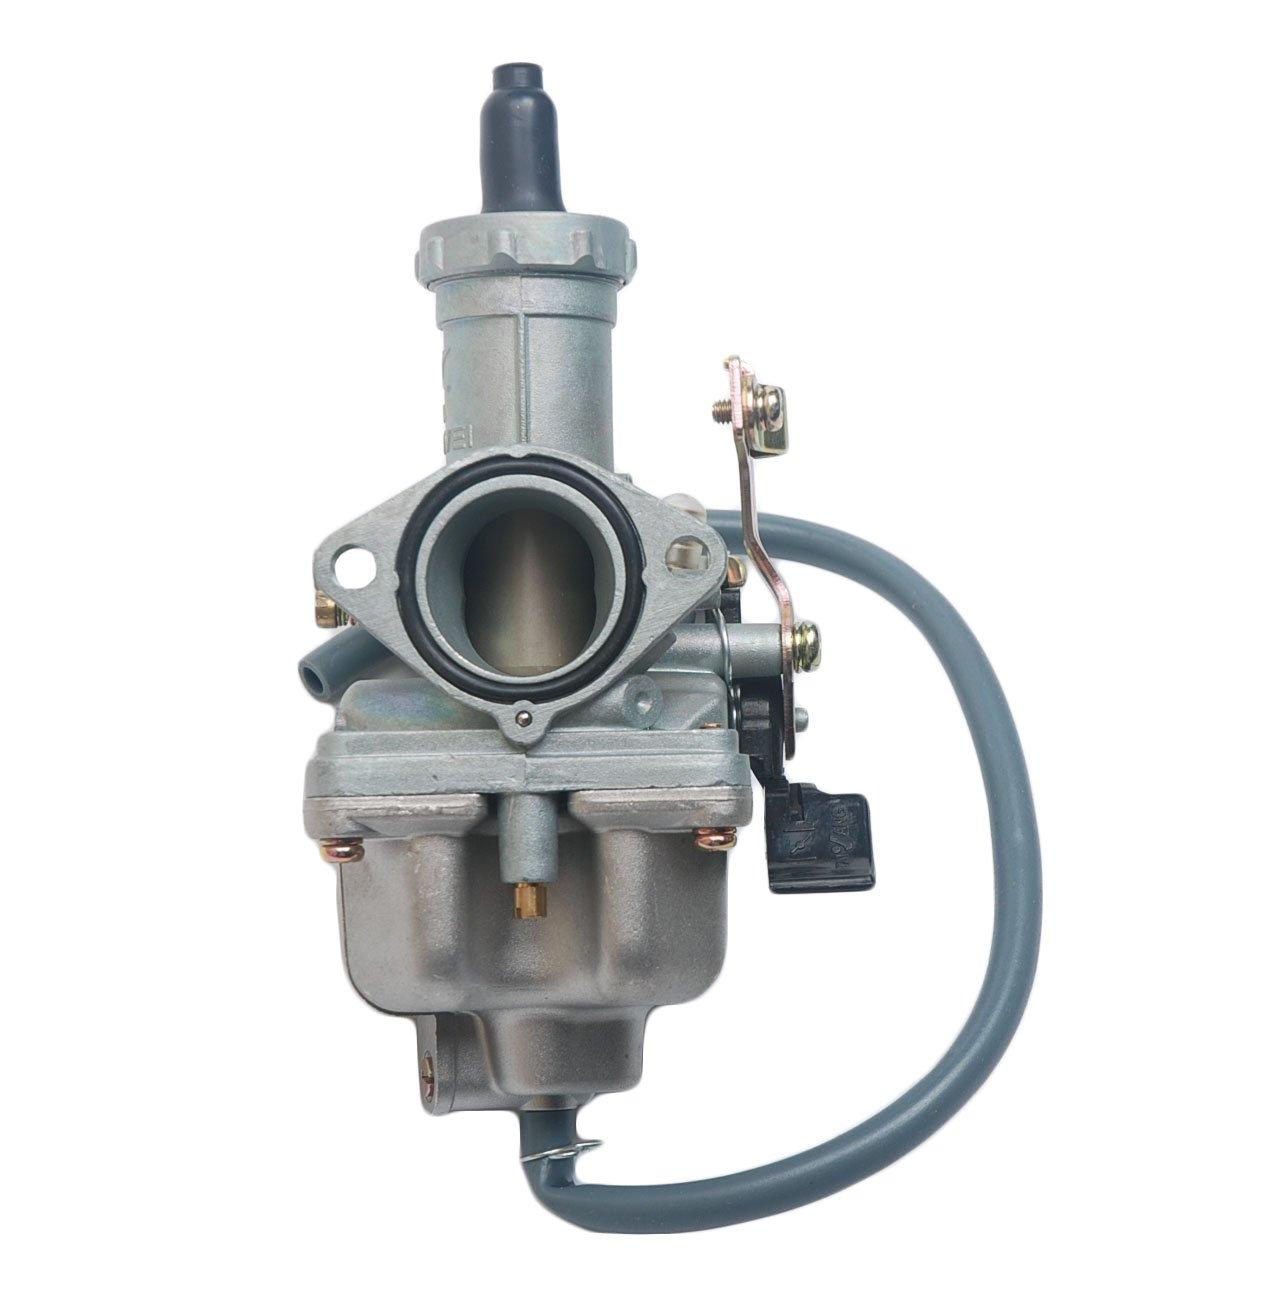 Carburador Beehive Filter PZ27 de estrangulador con cable de 27 mm para motor de 4 tiempos de 125 cc, 150 cc, 200 cc, 250 cc y 300 cc, para cuadriciclo, Go Kart, moto de cross y sunl 150cc 200cc 250cc y 300cc